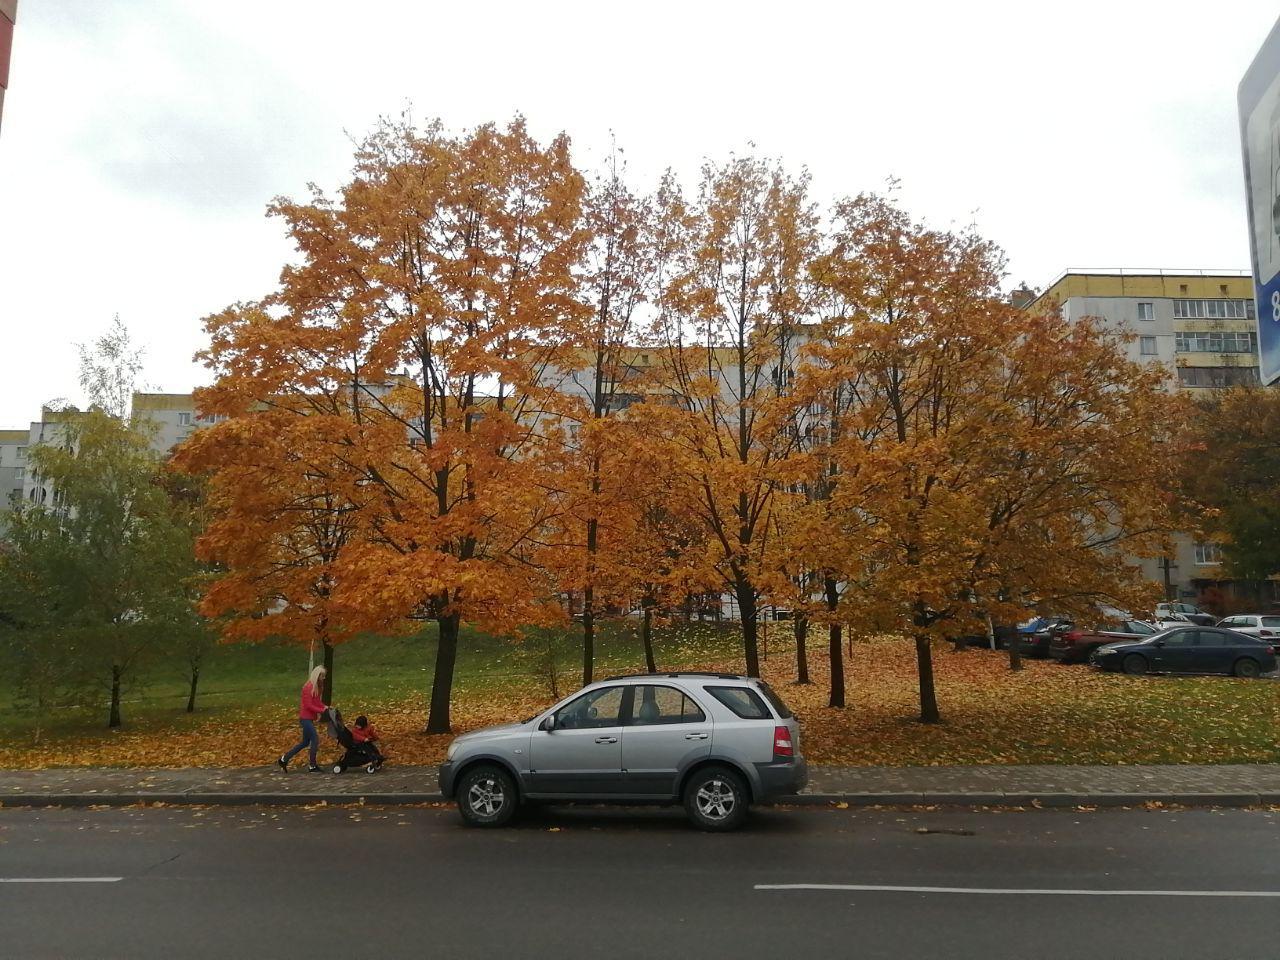 Фото на улице пасмурная погода на Huawei p30 lite основная камера